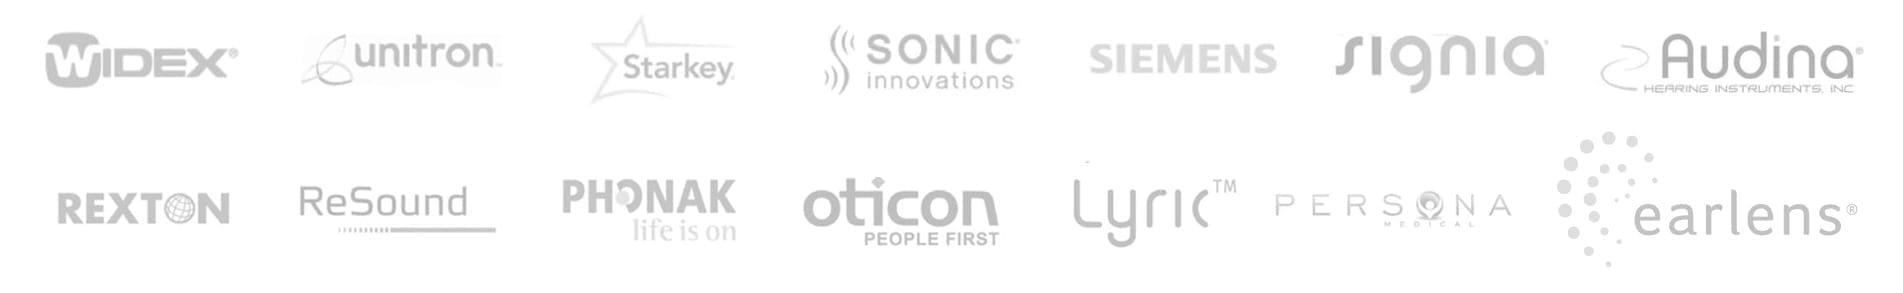 Hearing Aid Provider Logos